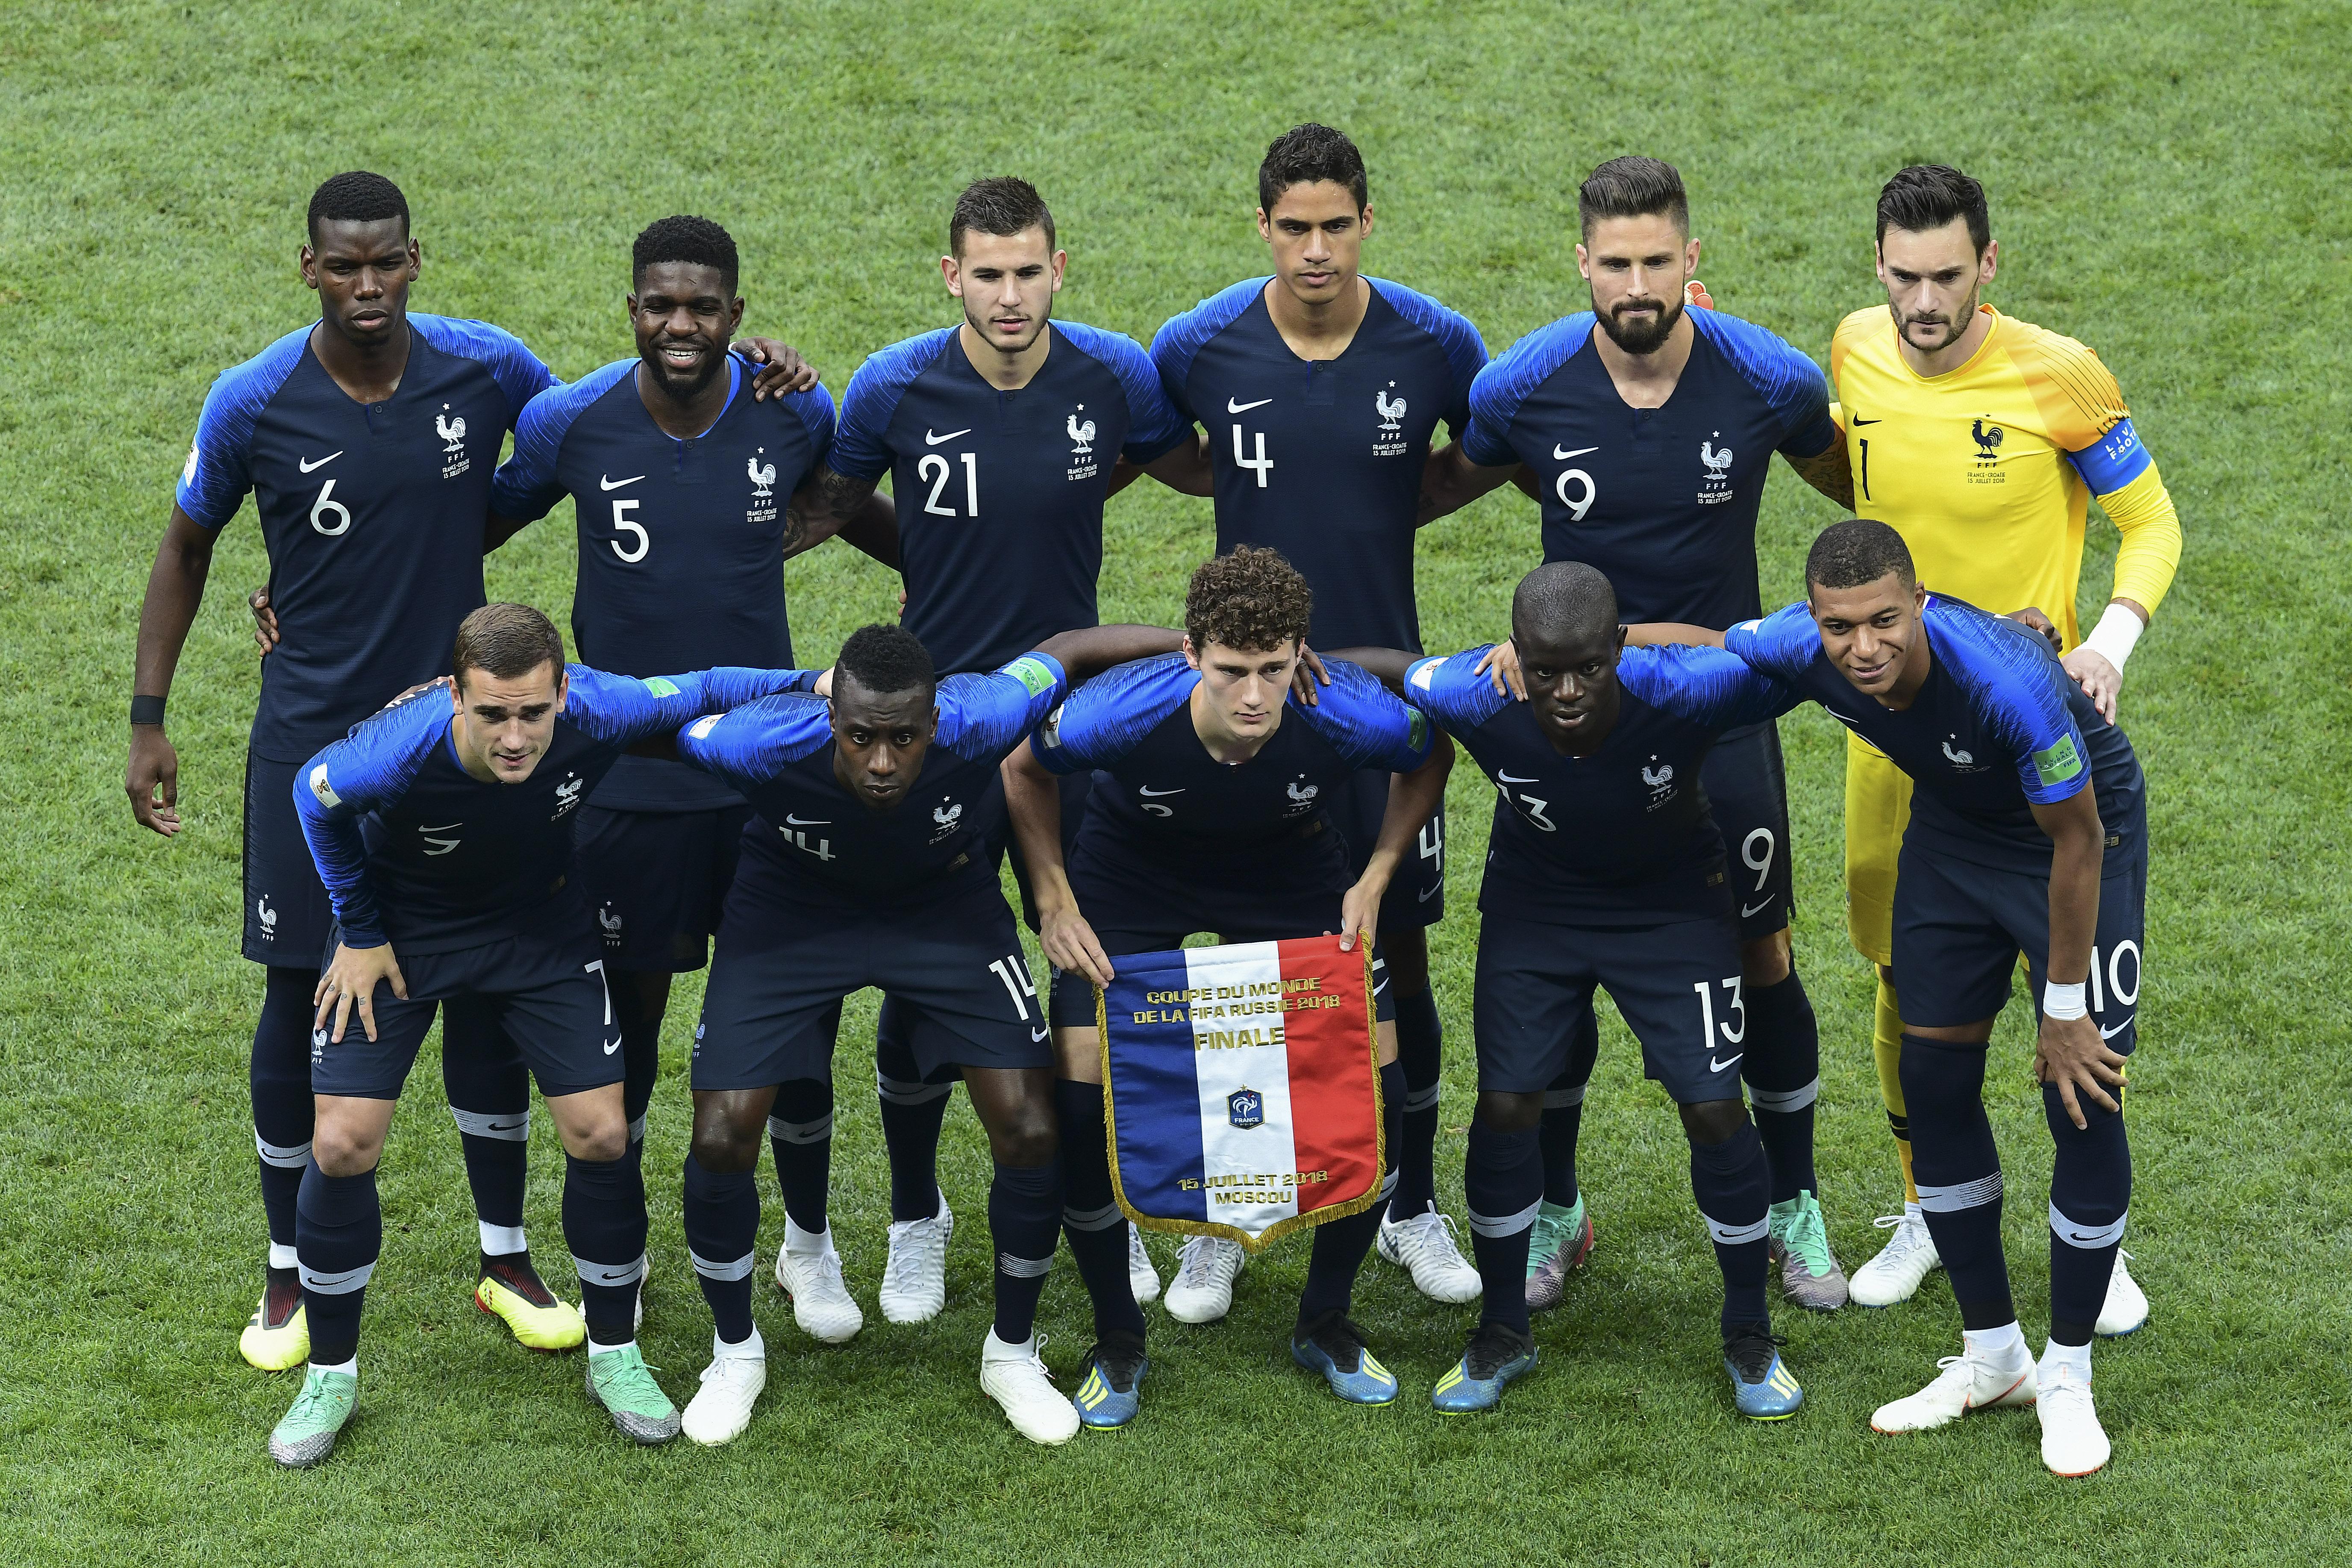 Francia, actual campeón del mundo, debutará ante Alemania en la Liga de Naciones